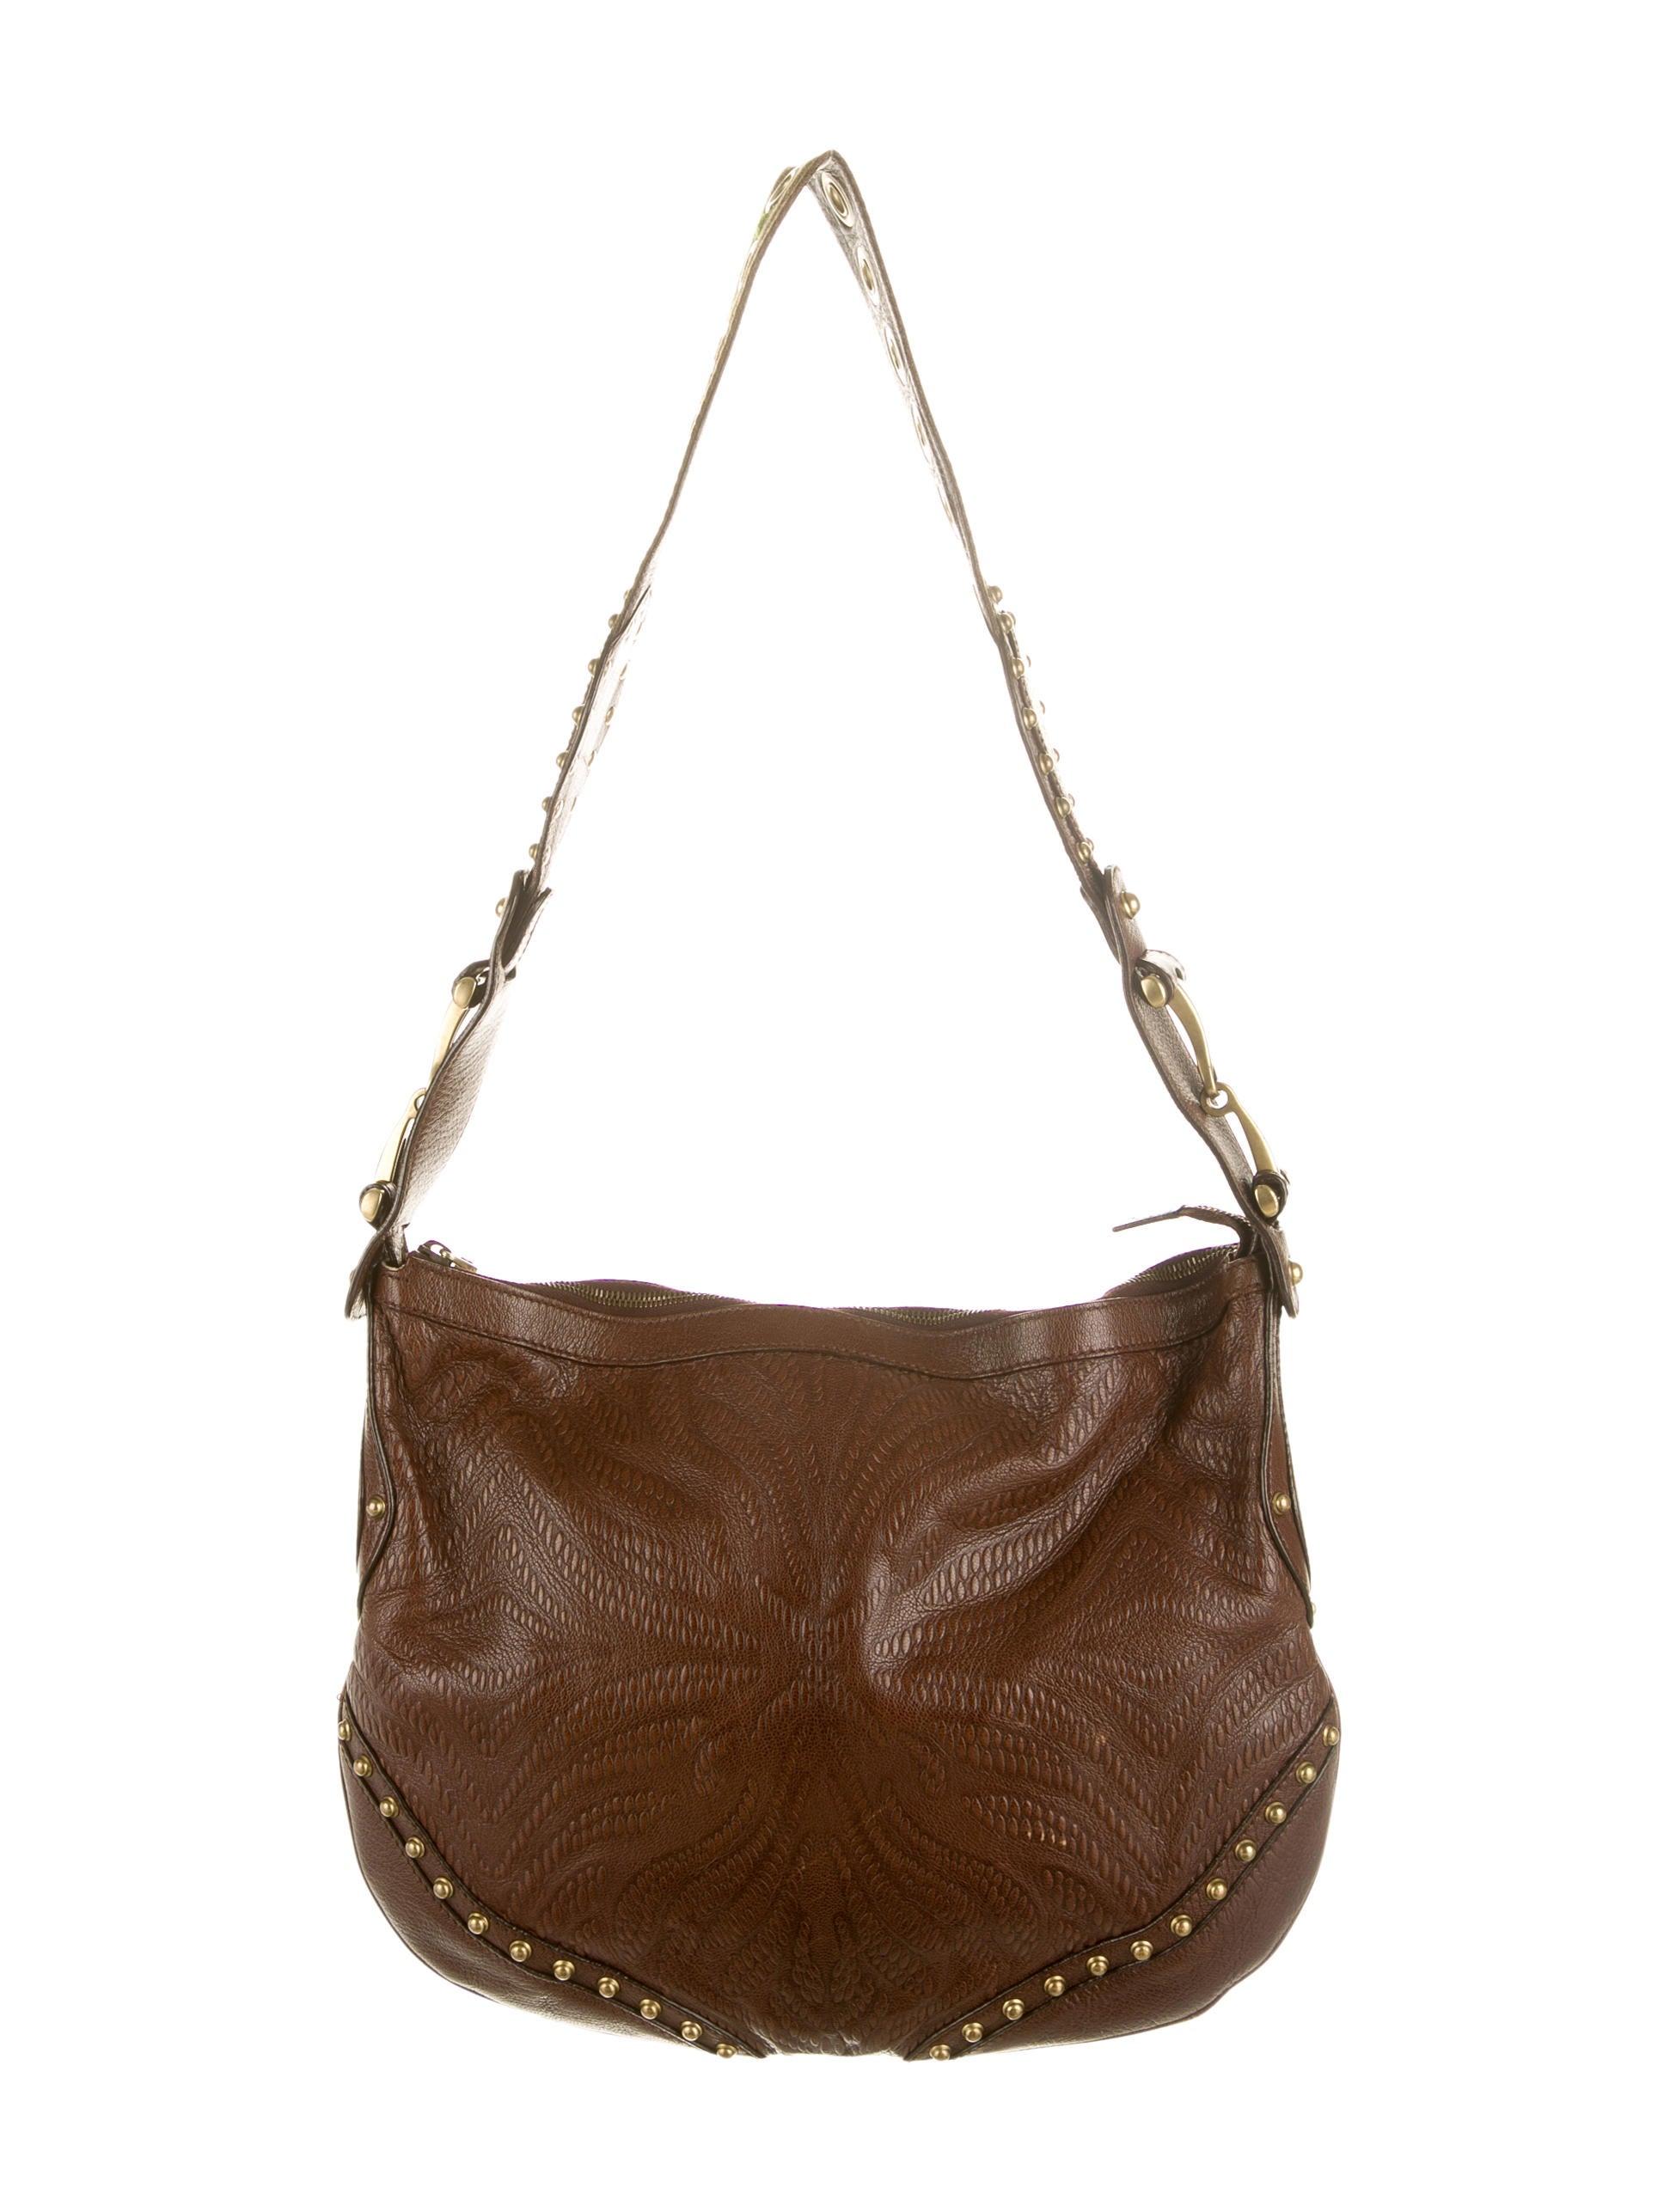 b0459efe207 Gucci Borchie Pelham Bag - Handbags - GUC45290